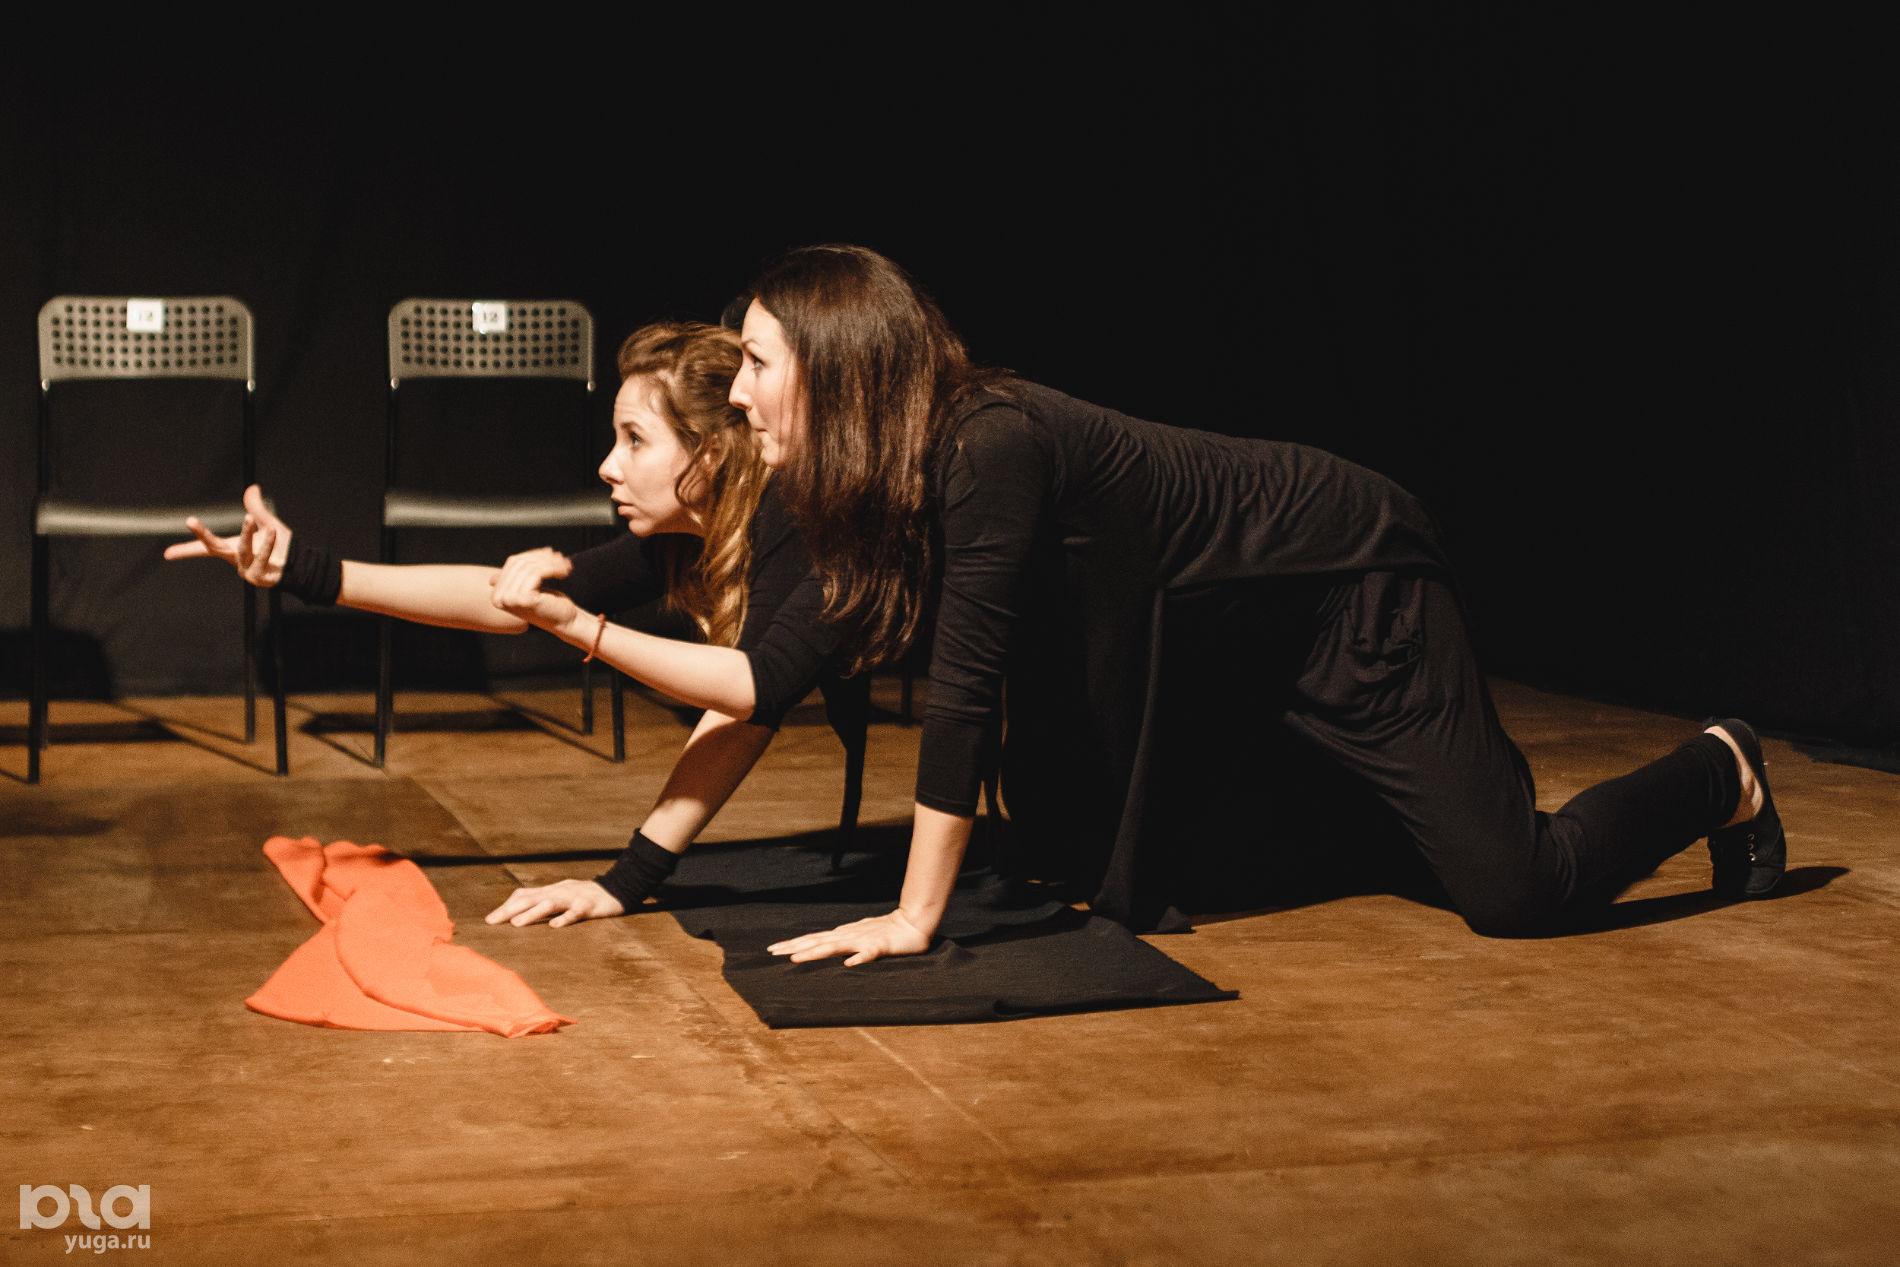 Playback-театр «Другие» ©Фото Дениса Яковлева, Юга.ру